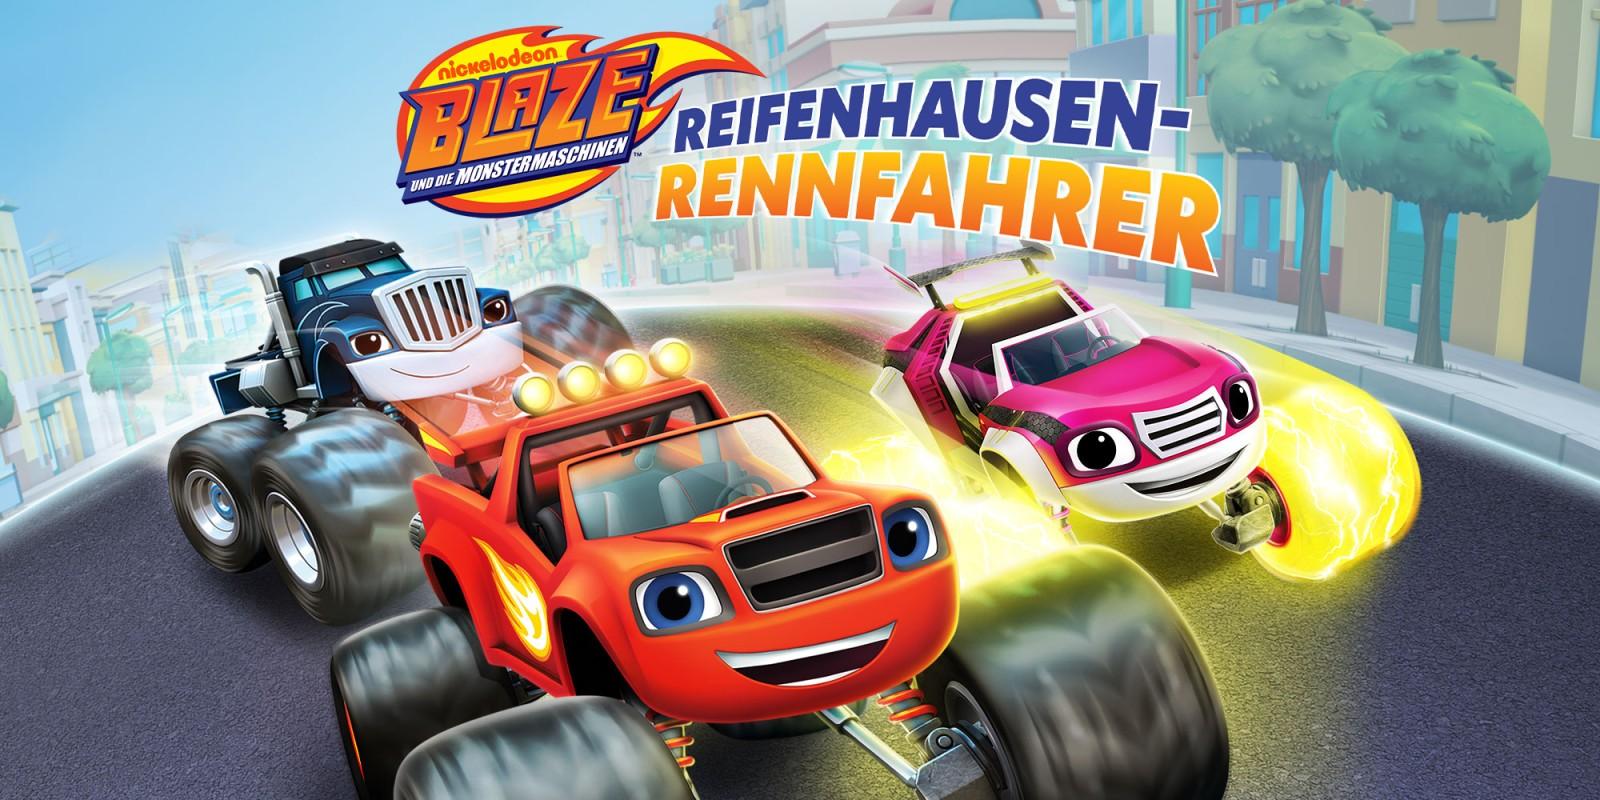 Blaze und die Monster-Maschinen: Reifenhausen-Rennfahrer